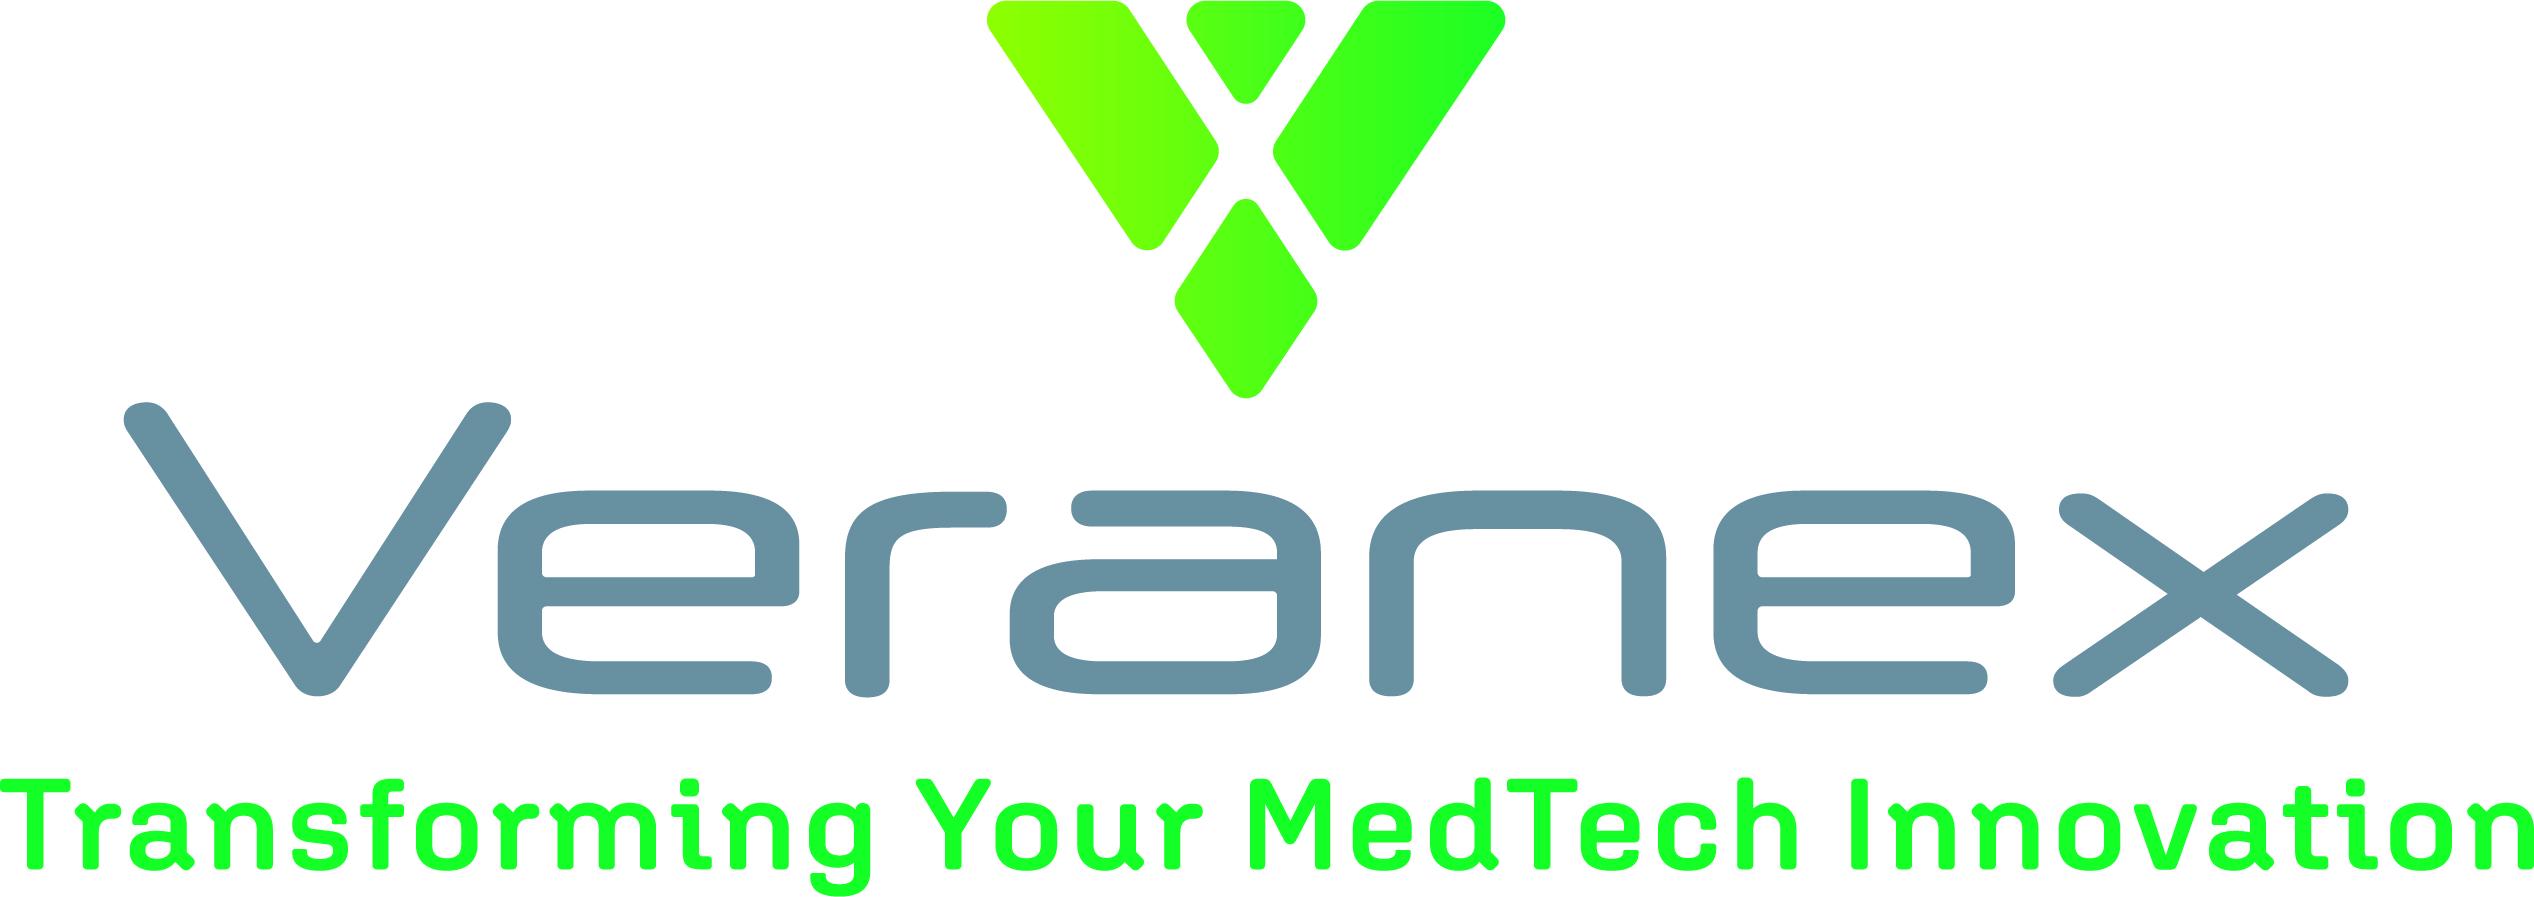 Veranex Announces Acquisition of Experien Group